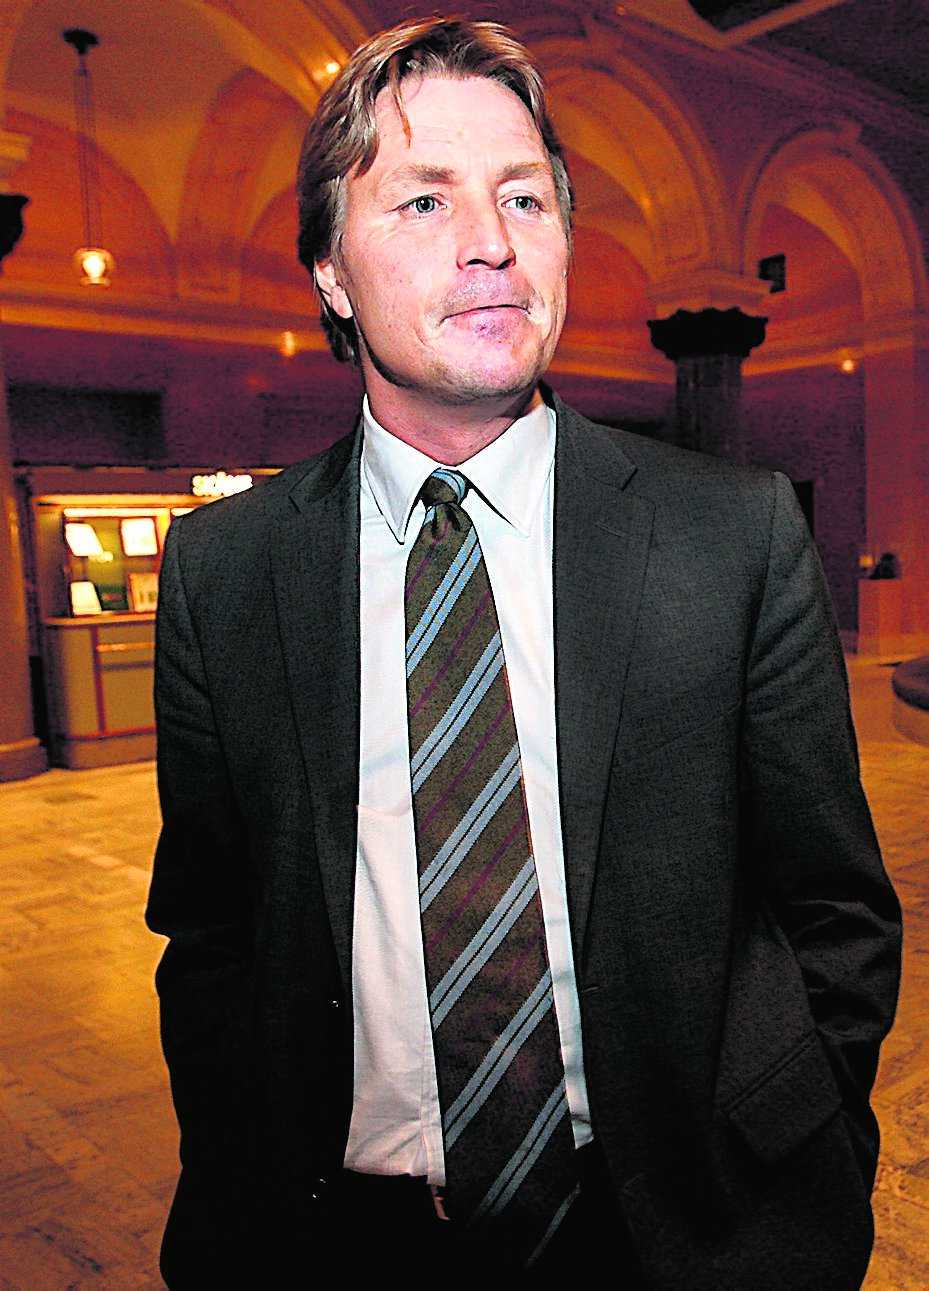 Ministern reagerade När FRA-förslaget nådde dåvarande justitieminister Thomas Bodström reagerade han starkt – och övervägde att lämna sin post.